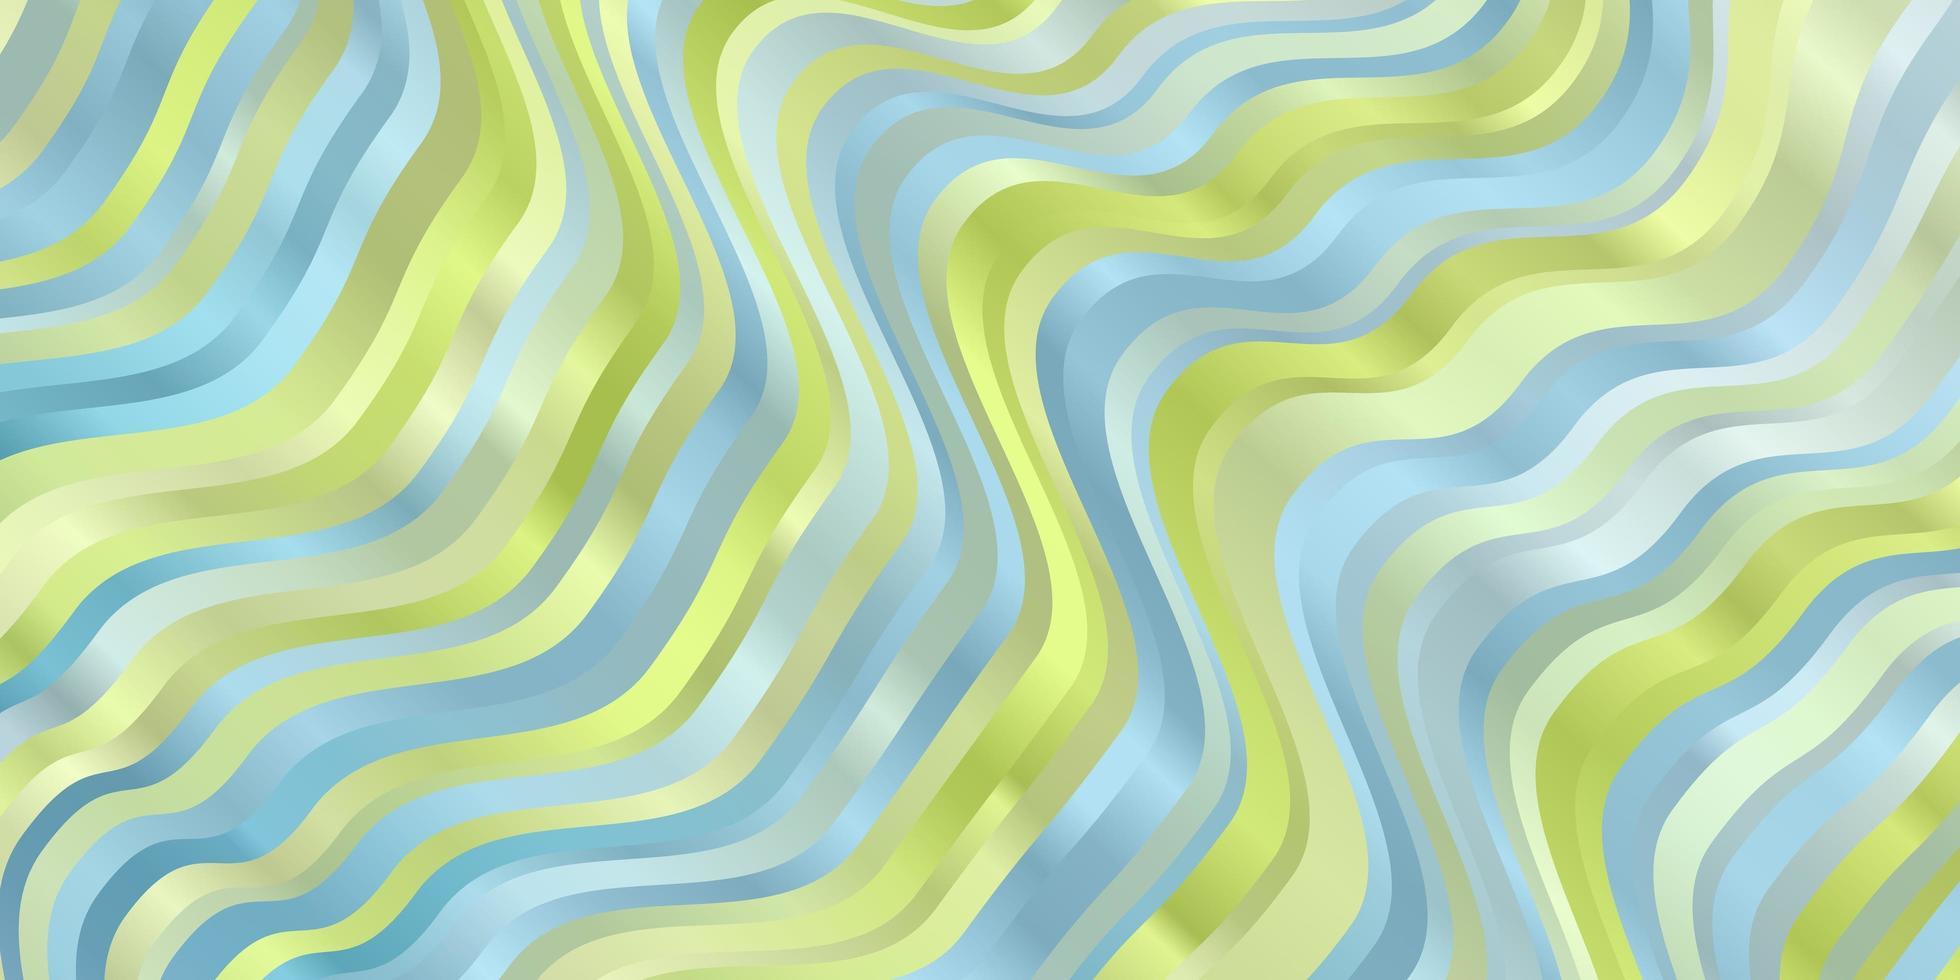 fond bleu clair et vert avec des courbes. vecteur